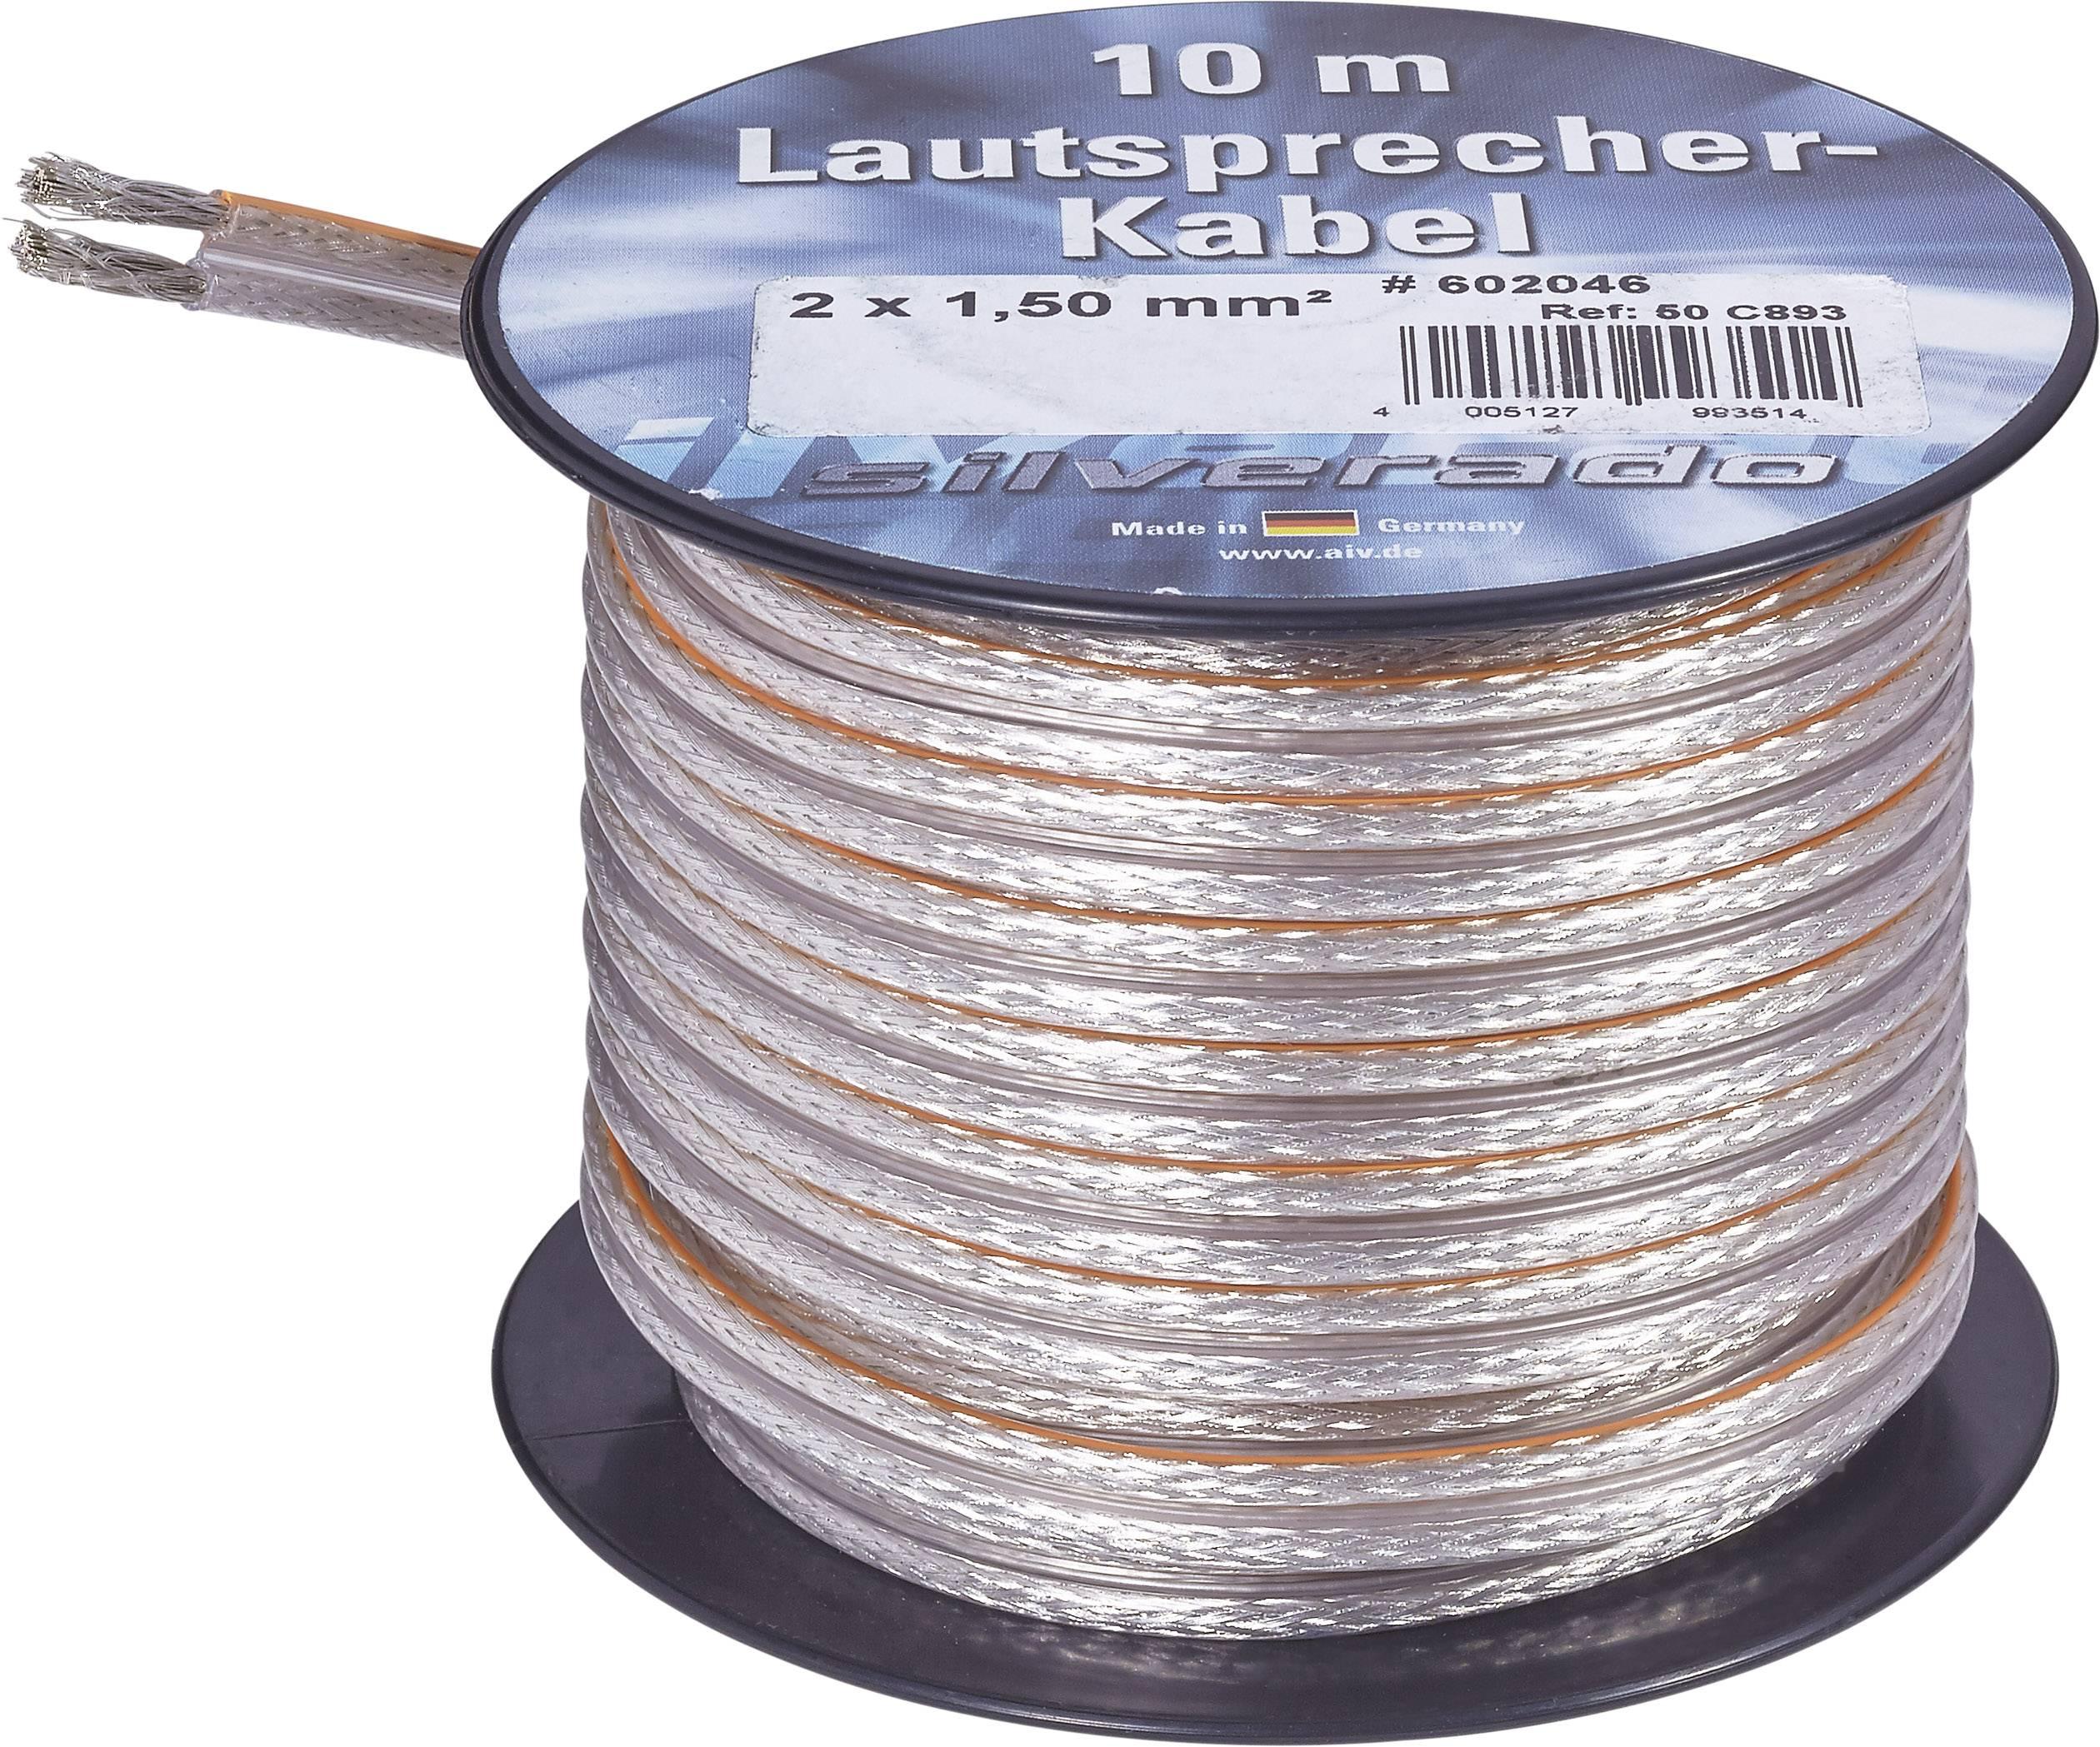 Kábel k reproduktoru AIV 23557L, 2 x 4.20 mm², strieborná, 10 m